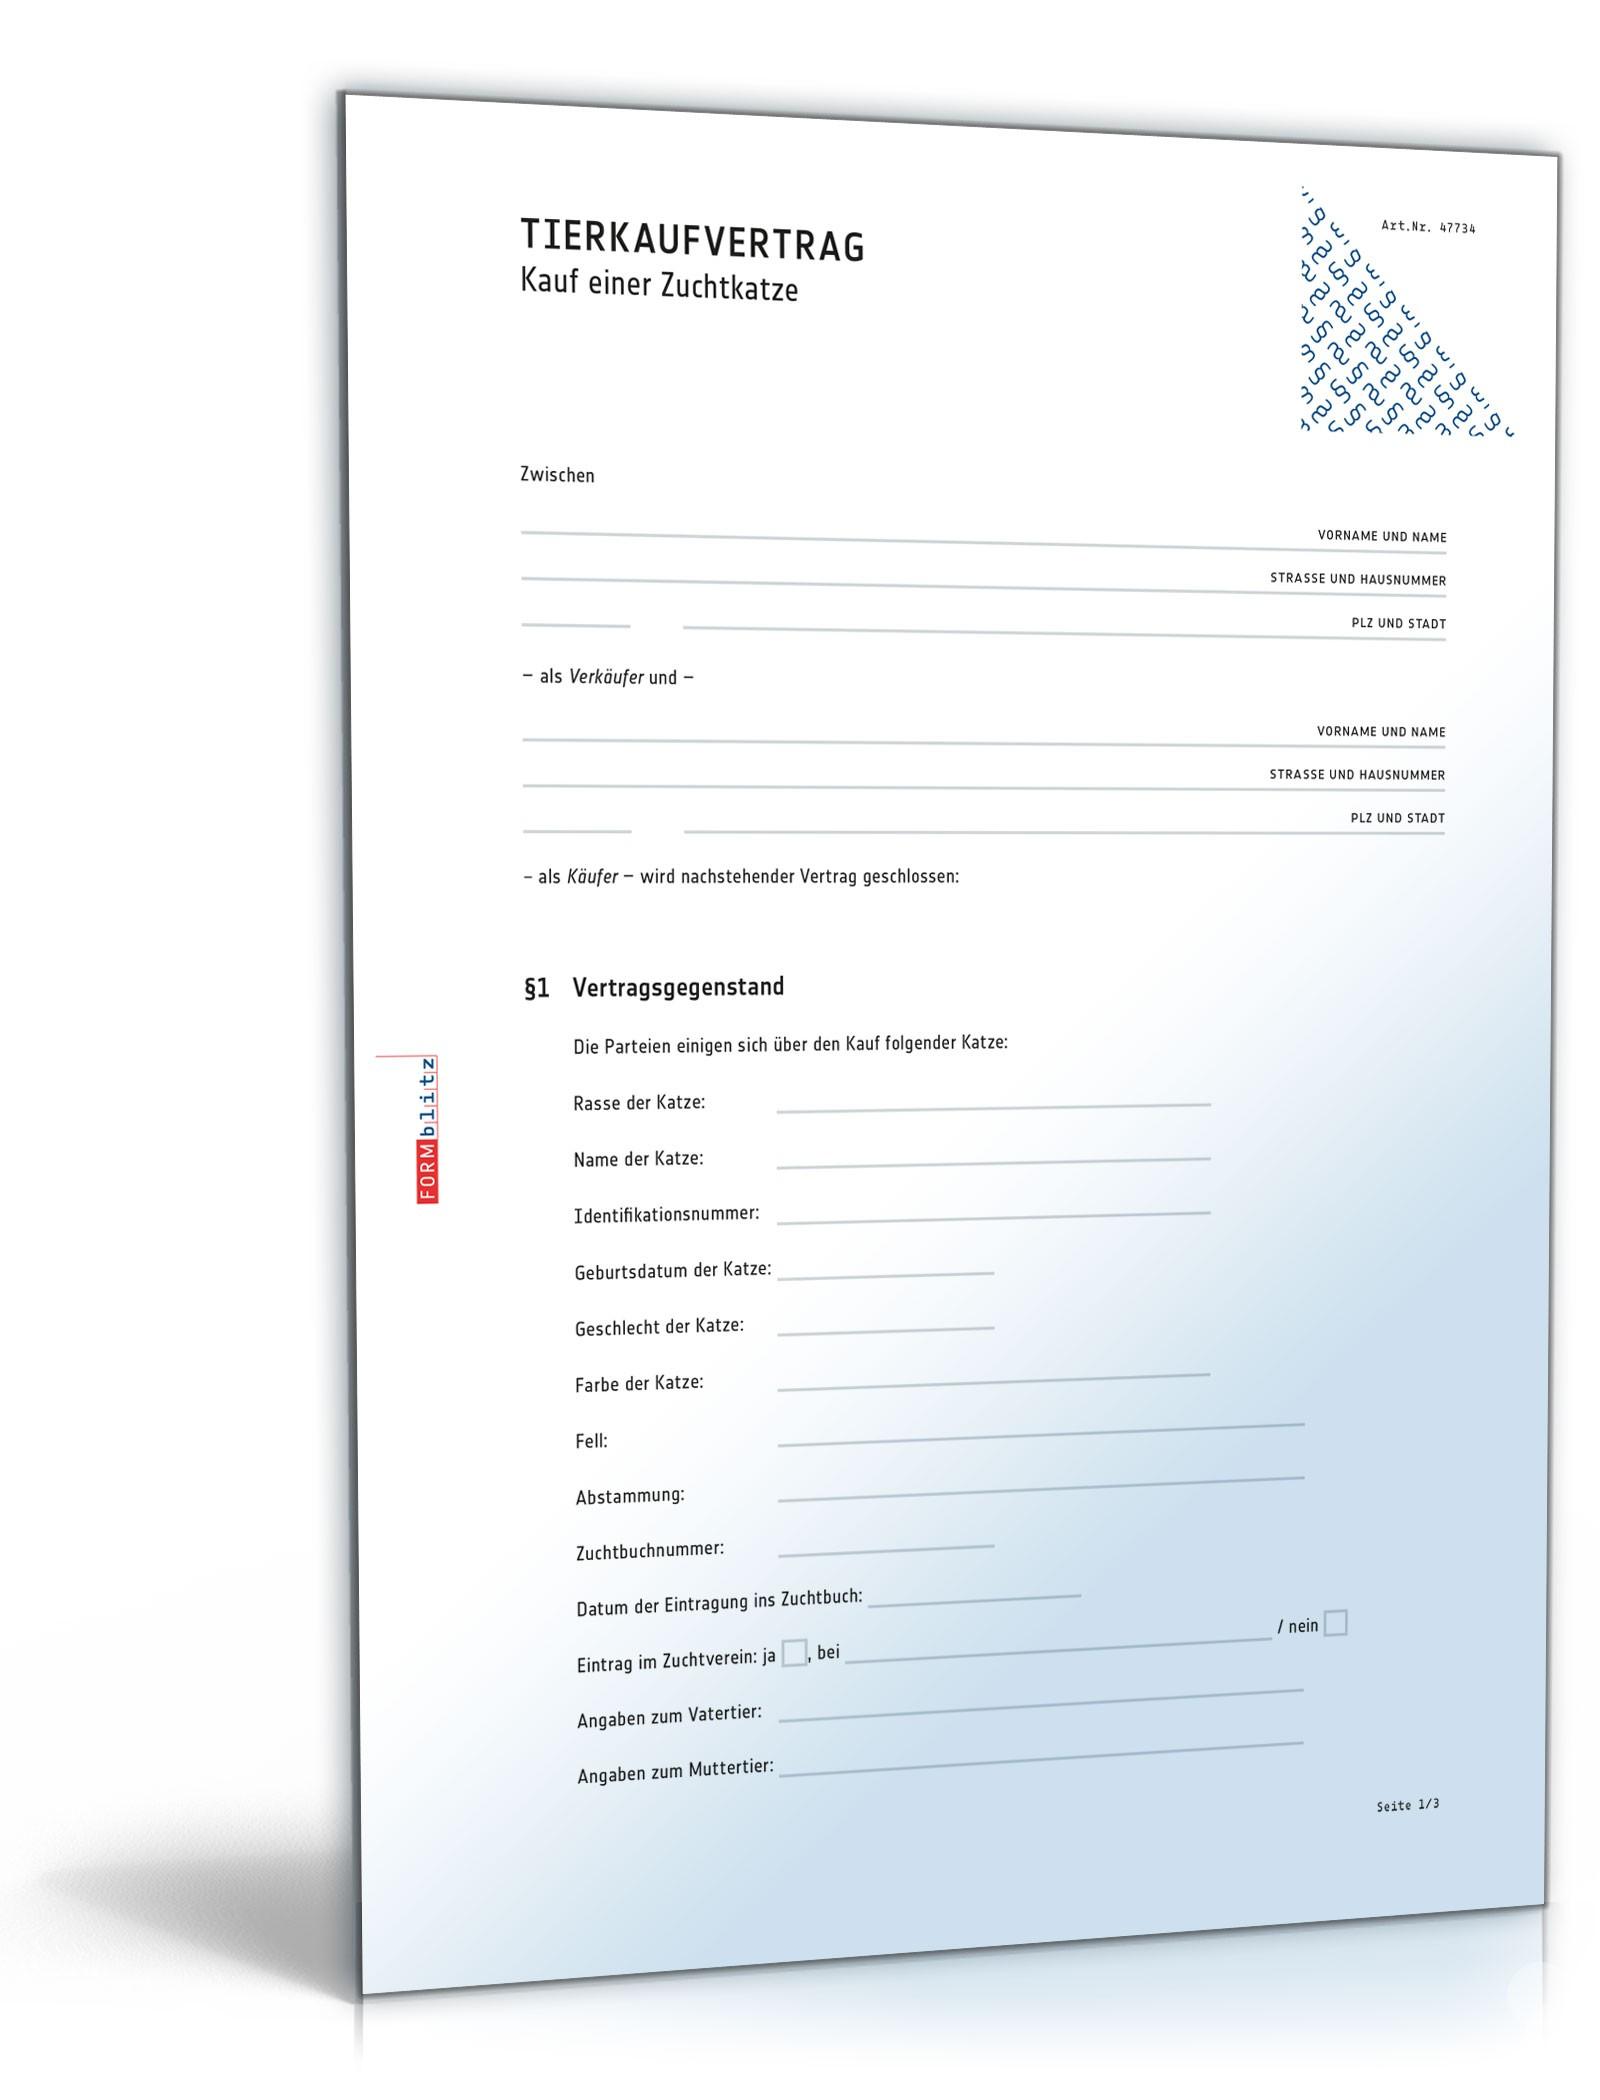 Kaufvertrag Zuchtkatze | Muster zum Download